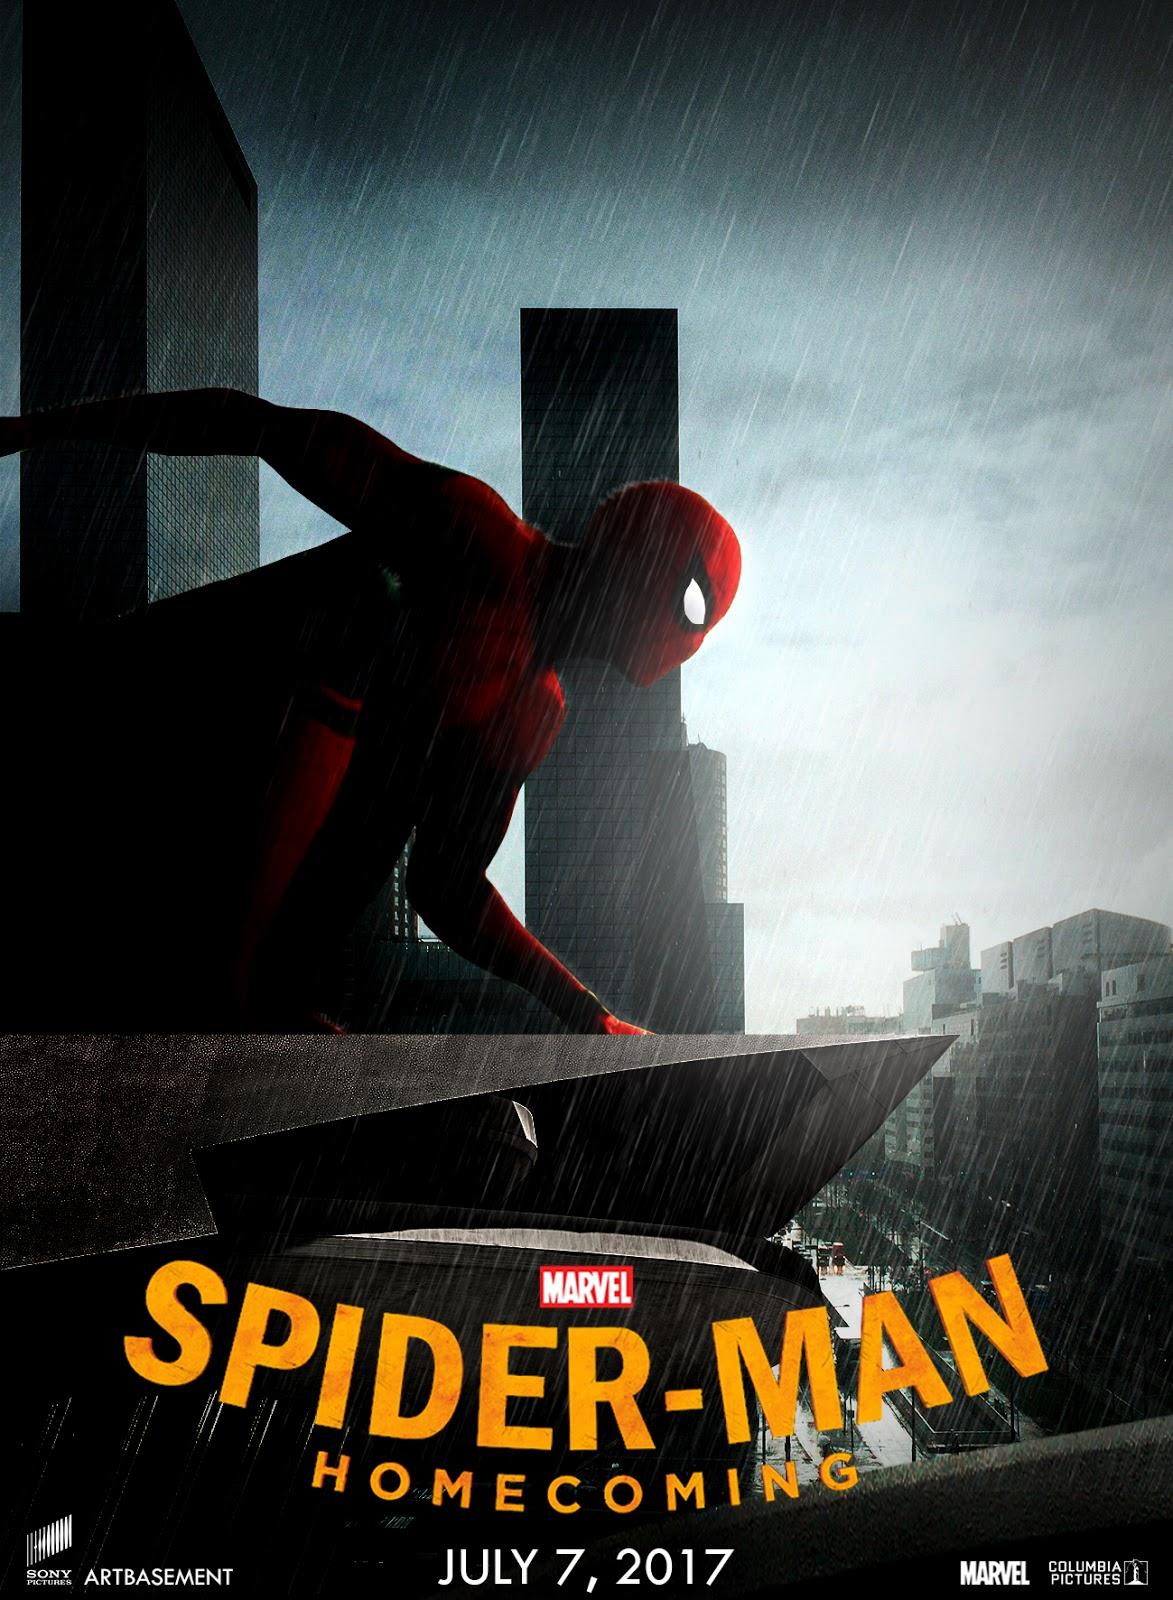 spiderman 4 movie trailer 2017